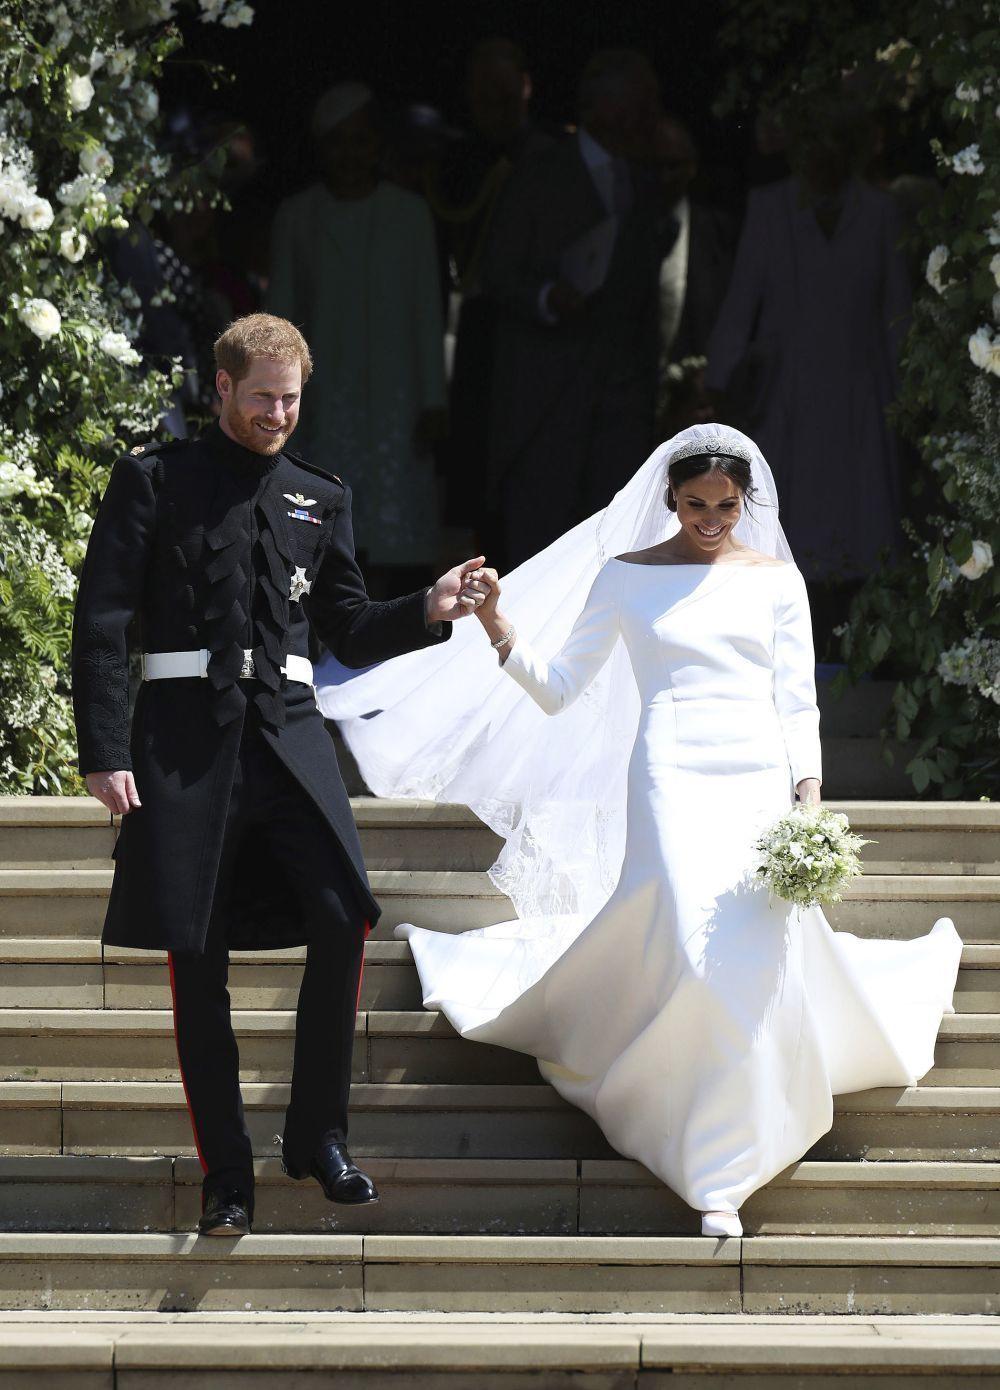 El vestido de novia Meghan Markle.